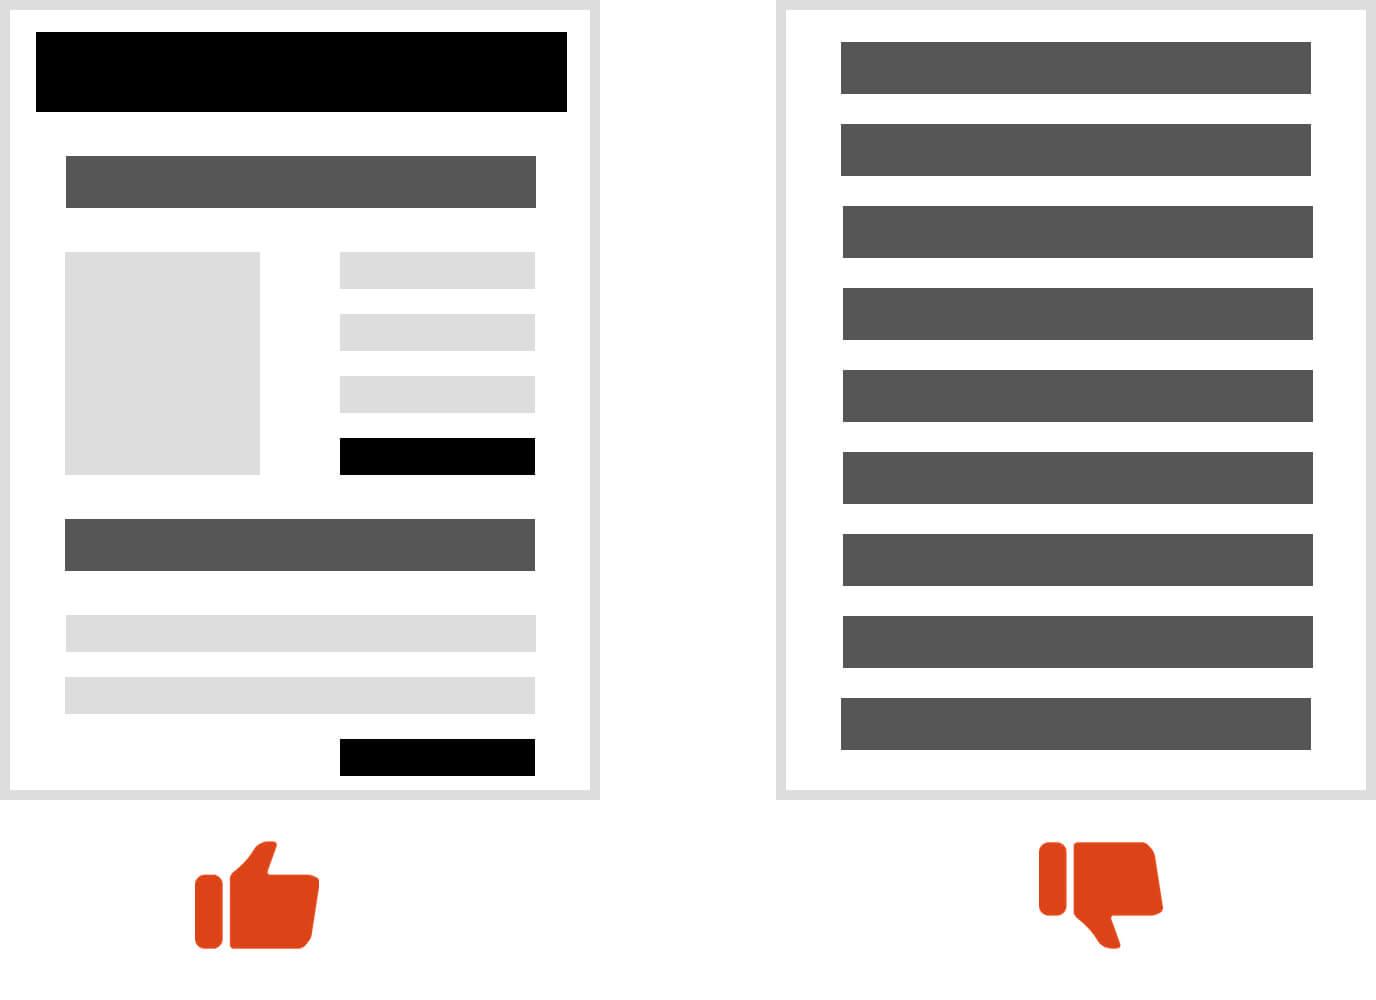 La hiérarchie visuelle pour une bonne expérience utilisateur